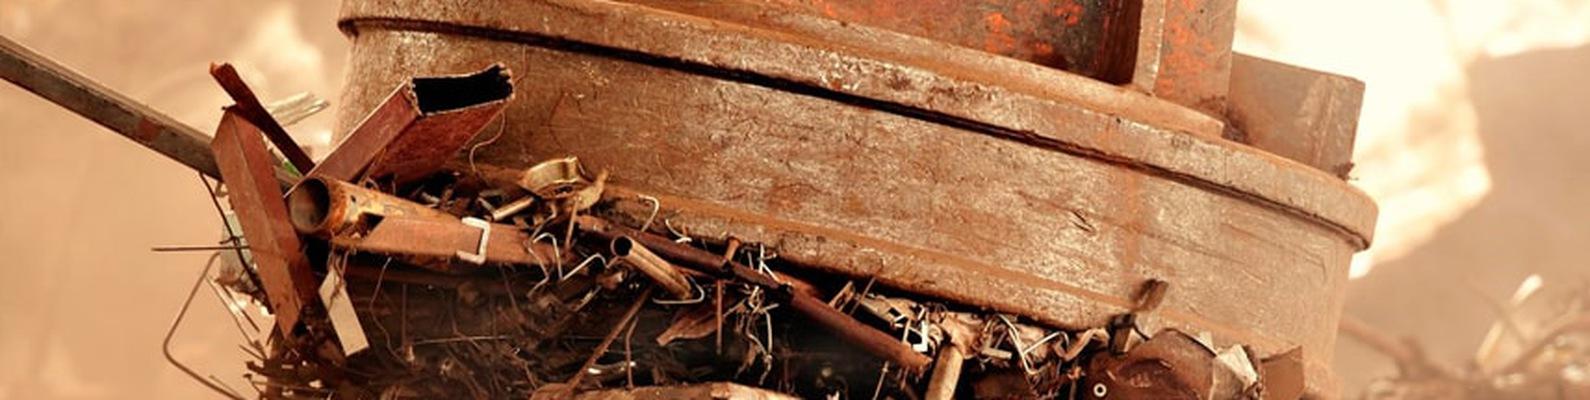 Черный металл в Красный Холм договор на приемку медицинских шприцов о